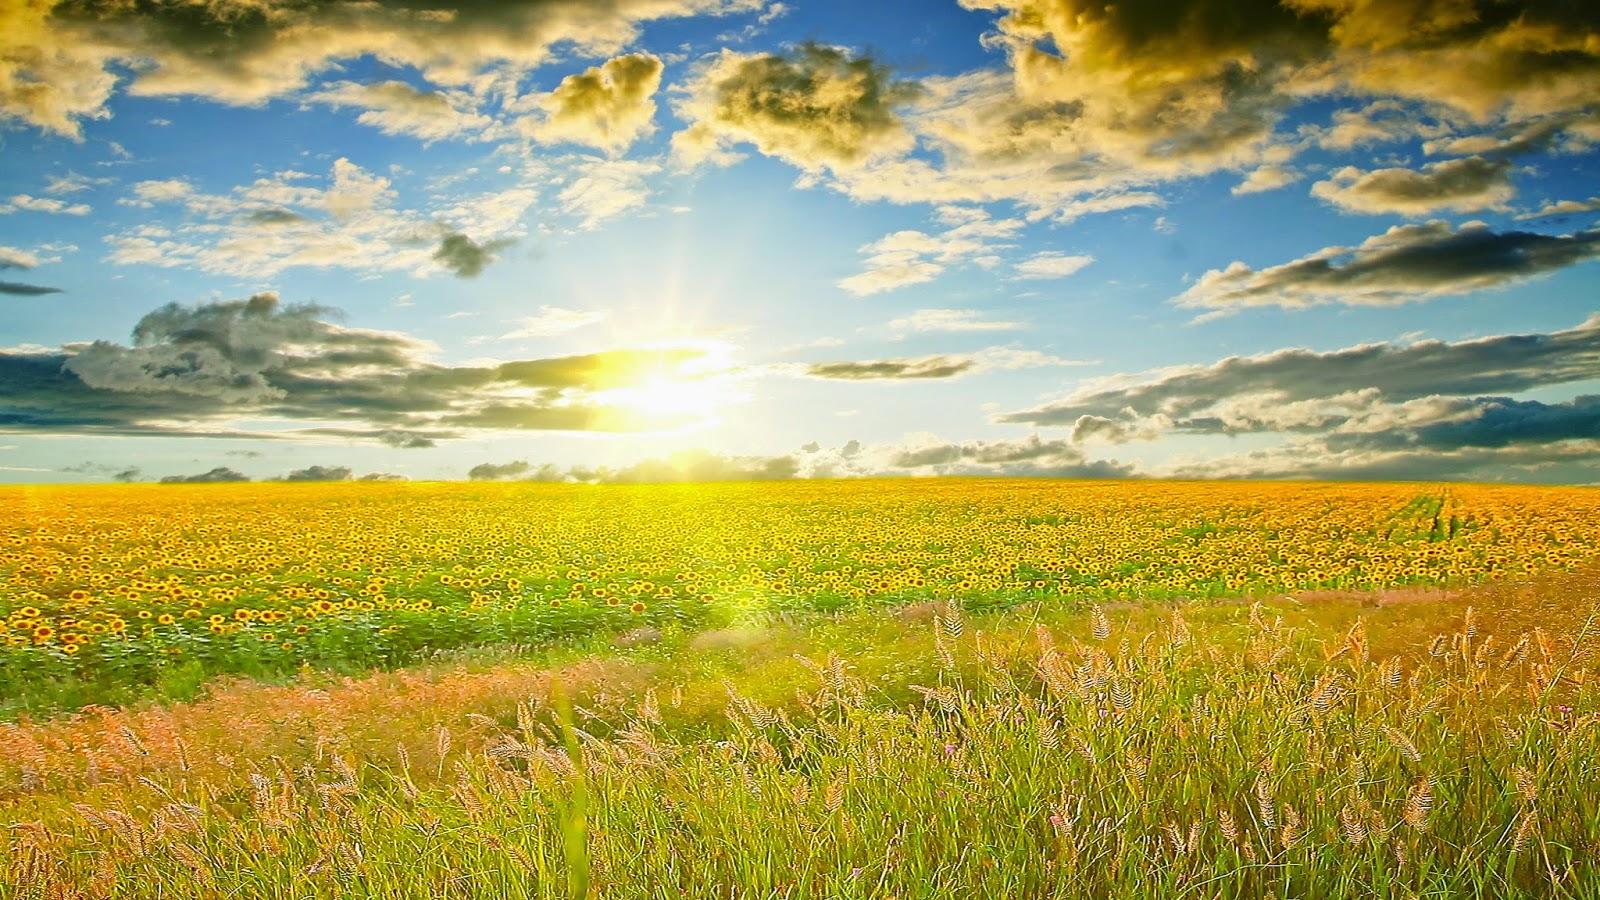 hd wallpapers sunrise on sunflowers field hd wide